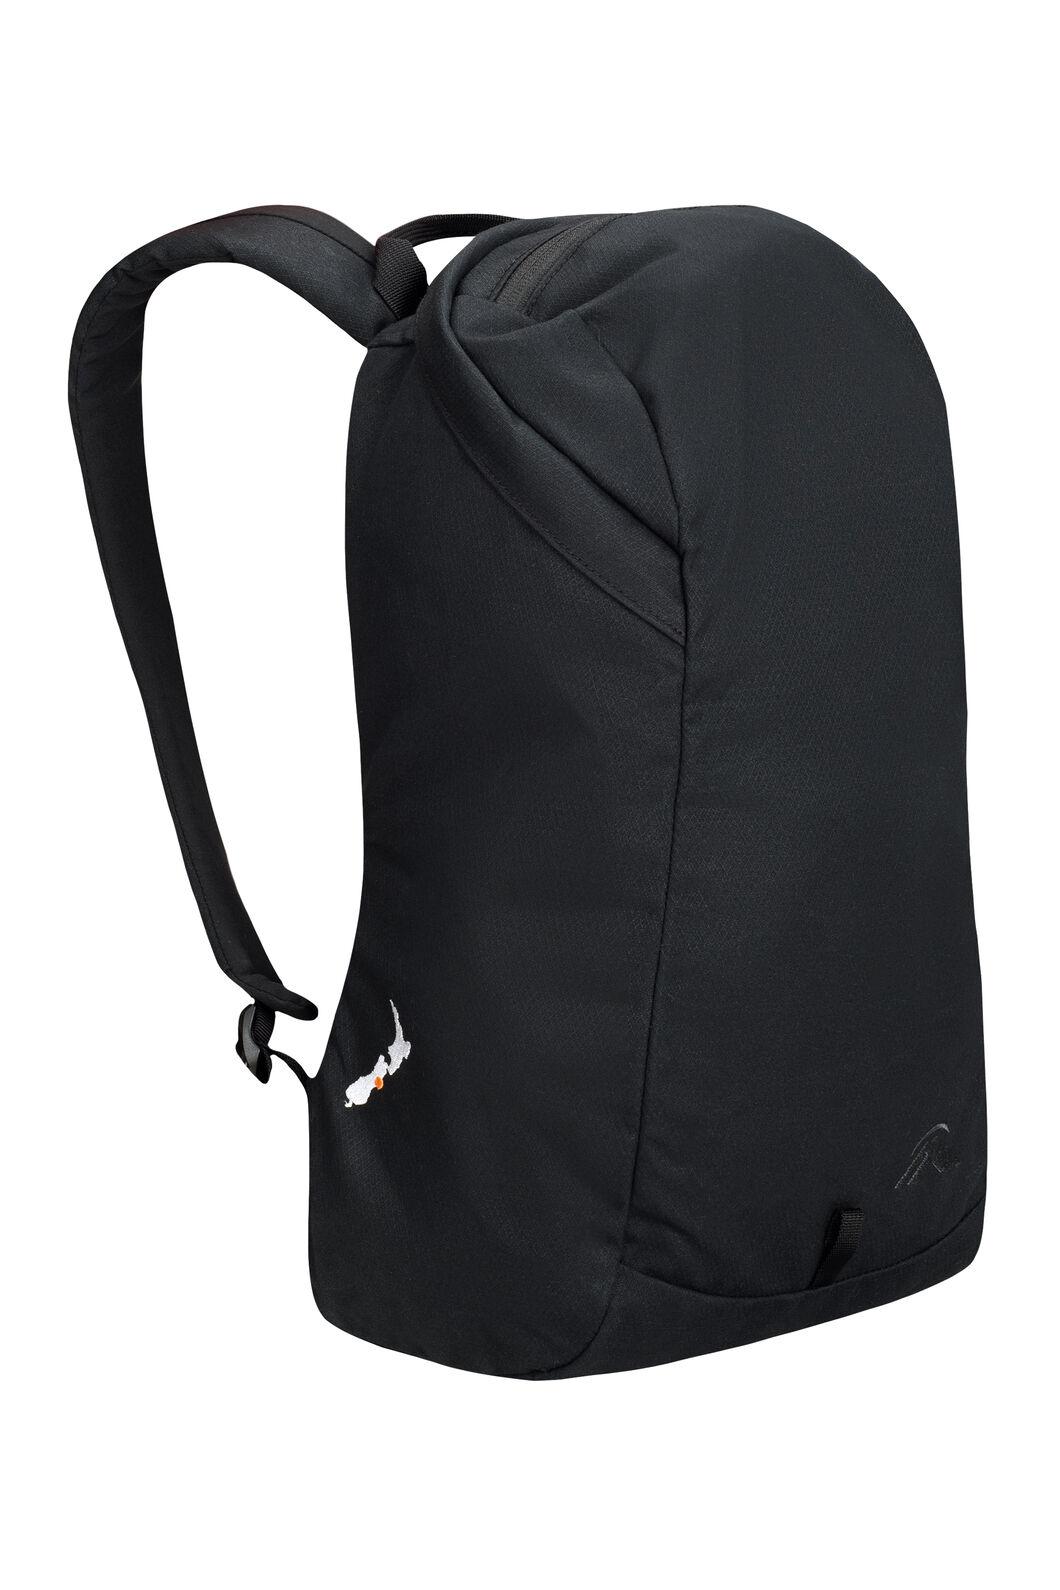 Macpac Piko Aztec® 13L Pack, Black, hi-res